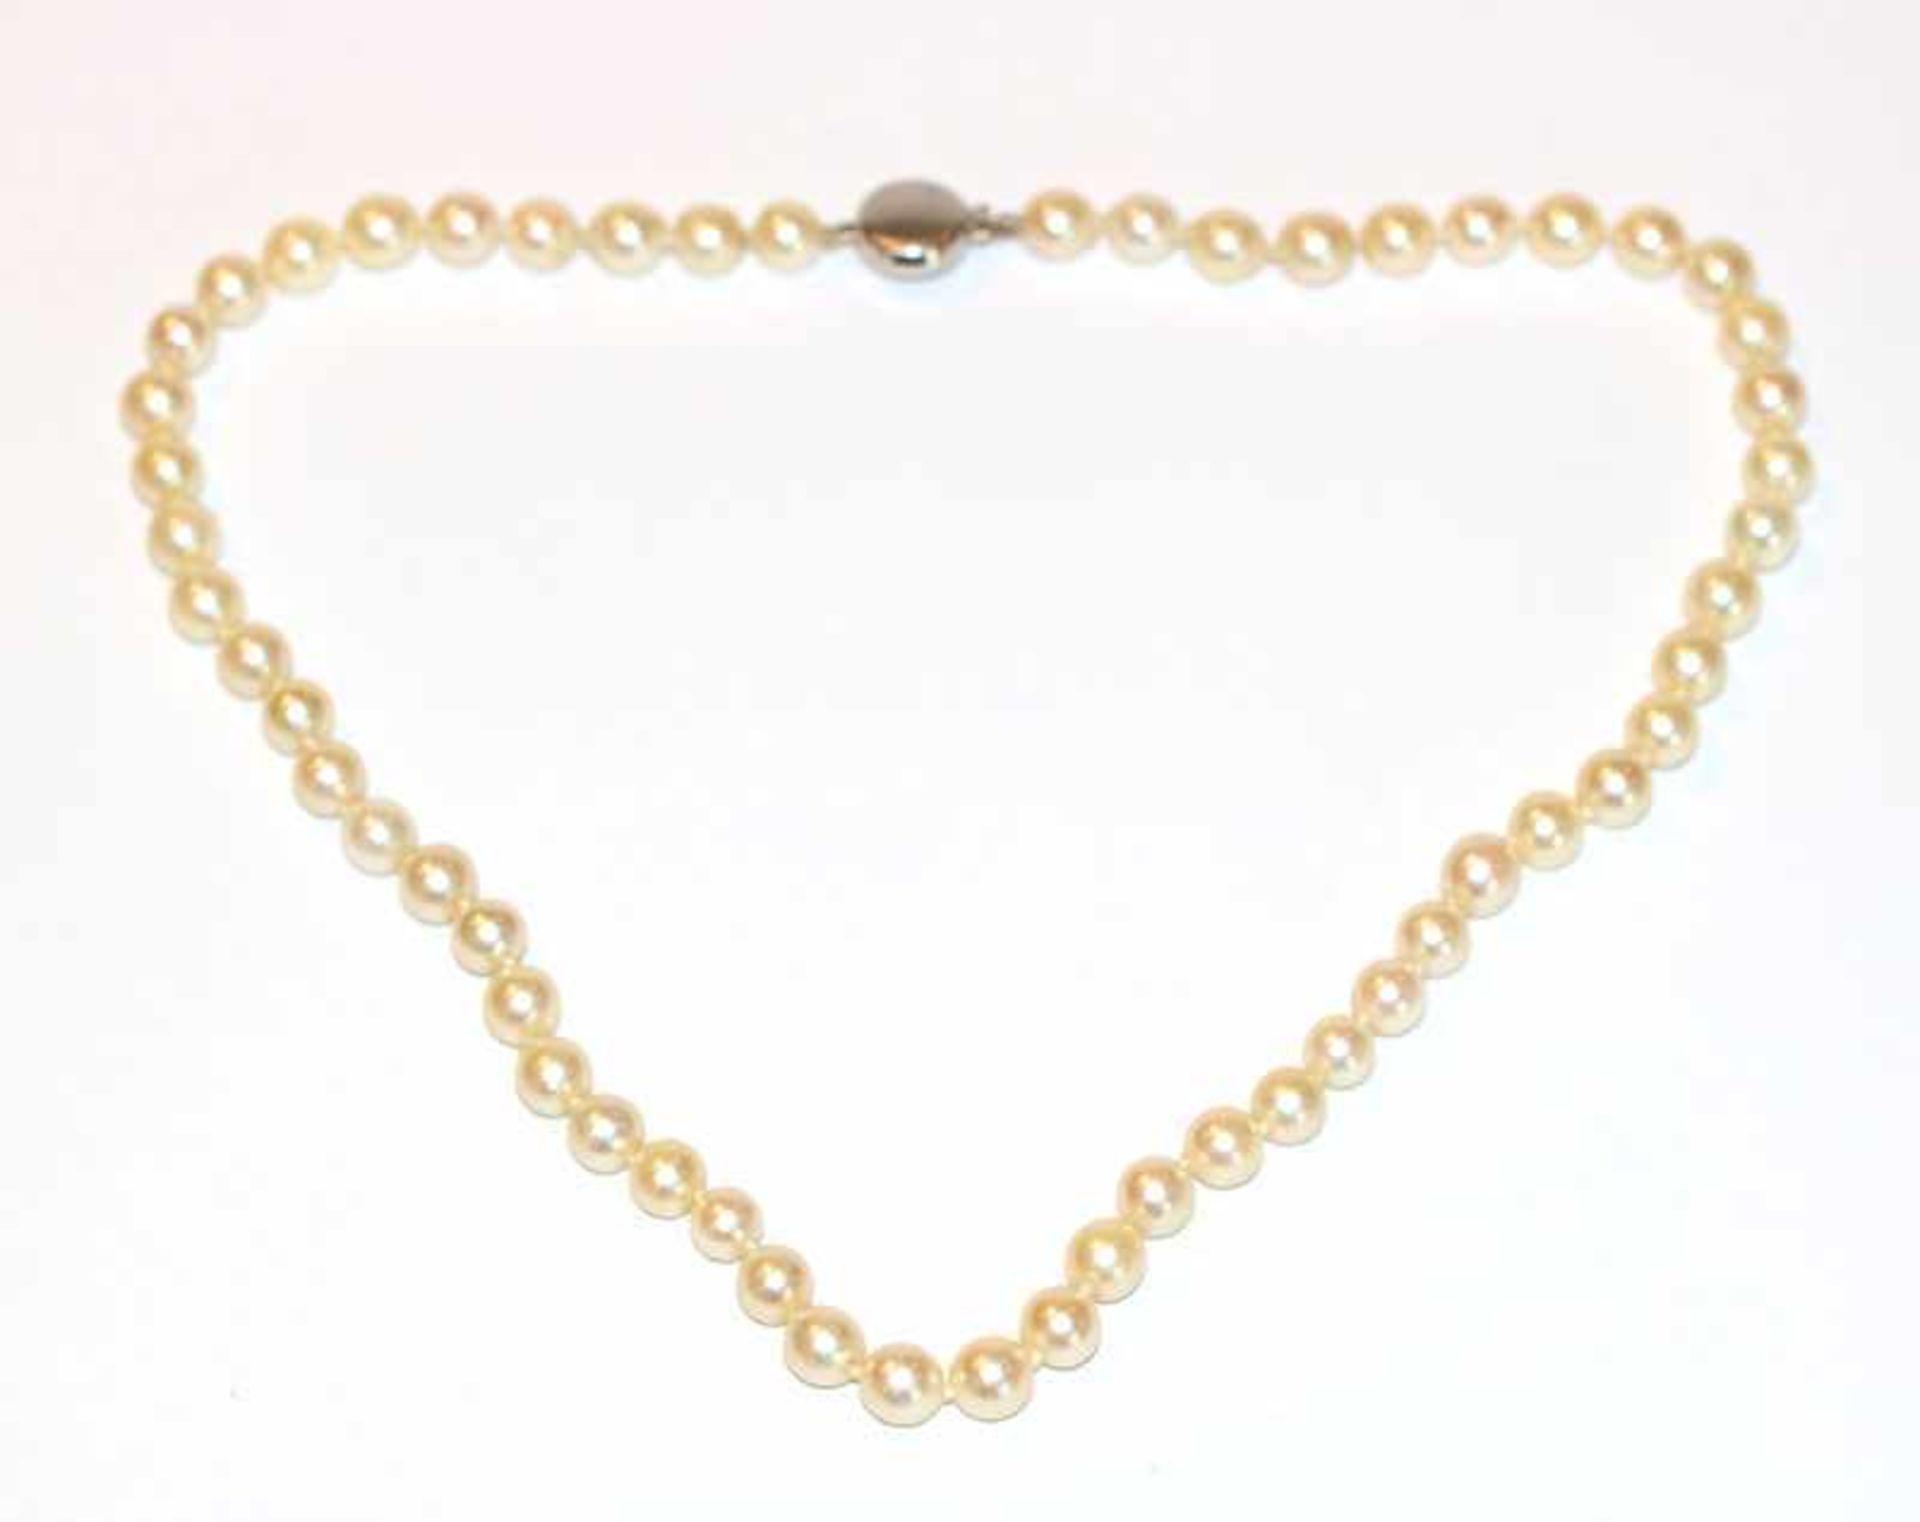 Perlenkette mit mattierter 14 k Weißgold Schließe, L 38 cm